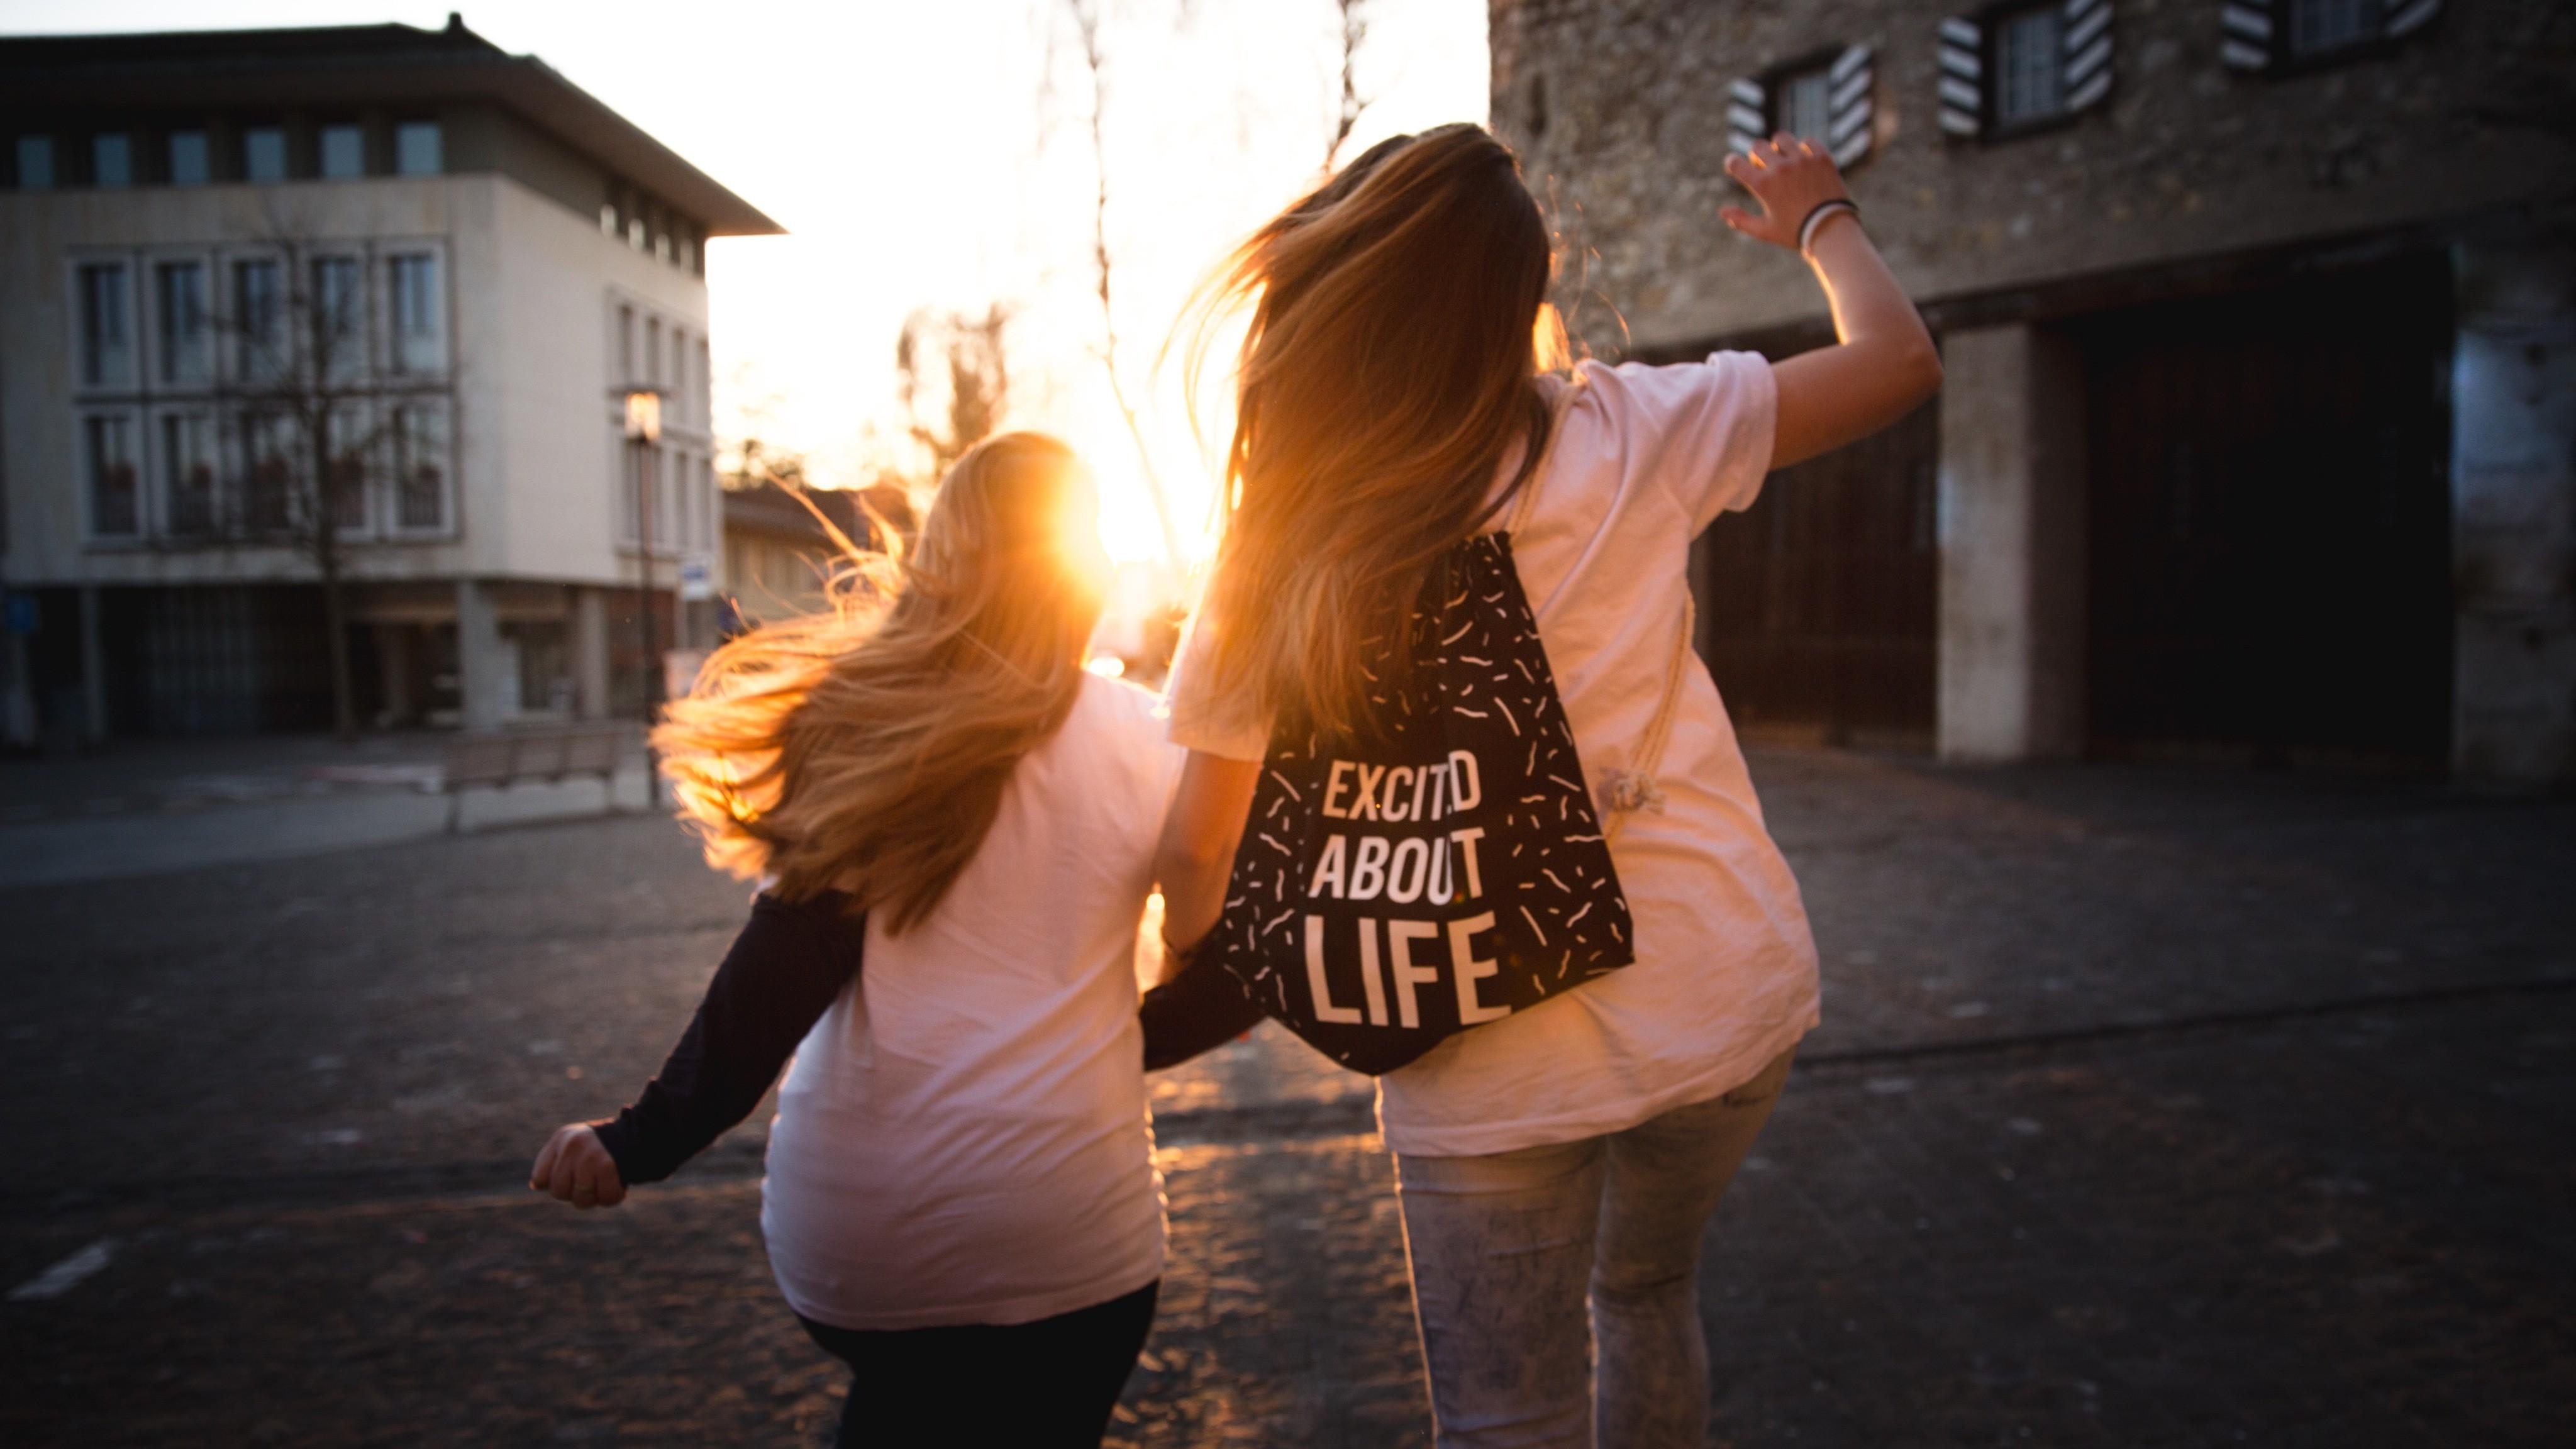 3 шага, чтобы настроиться на позитивное мышление по жизни